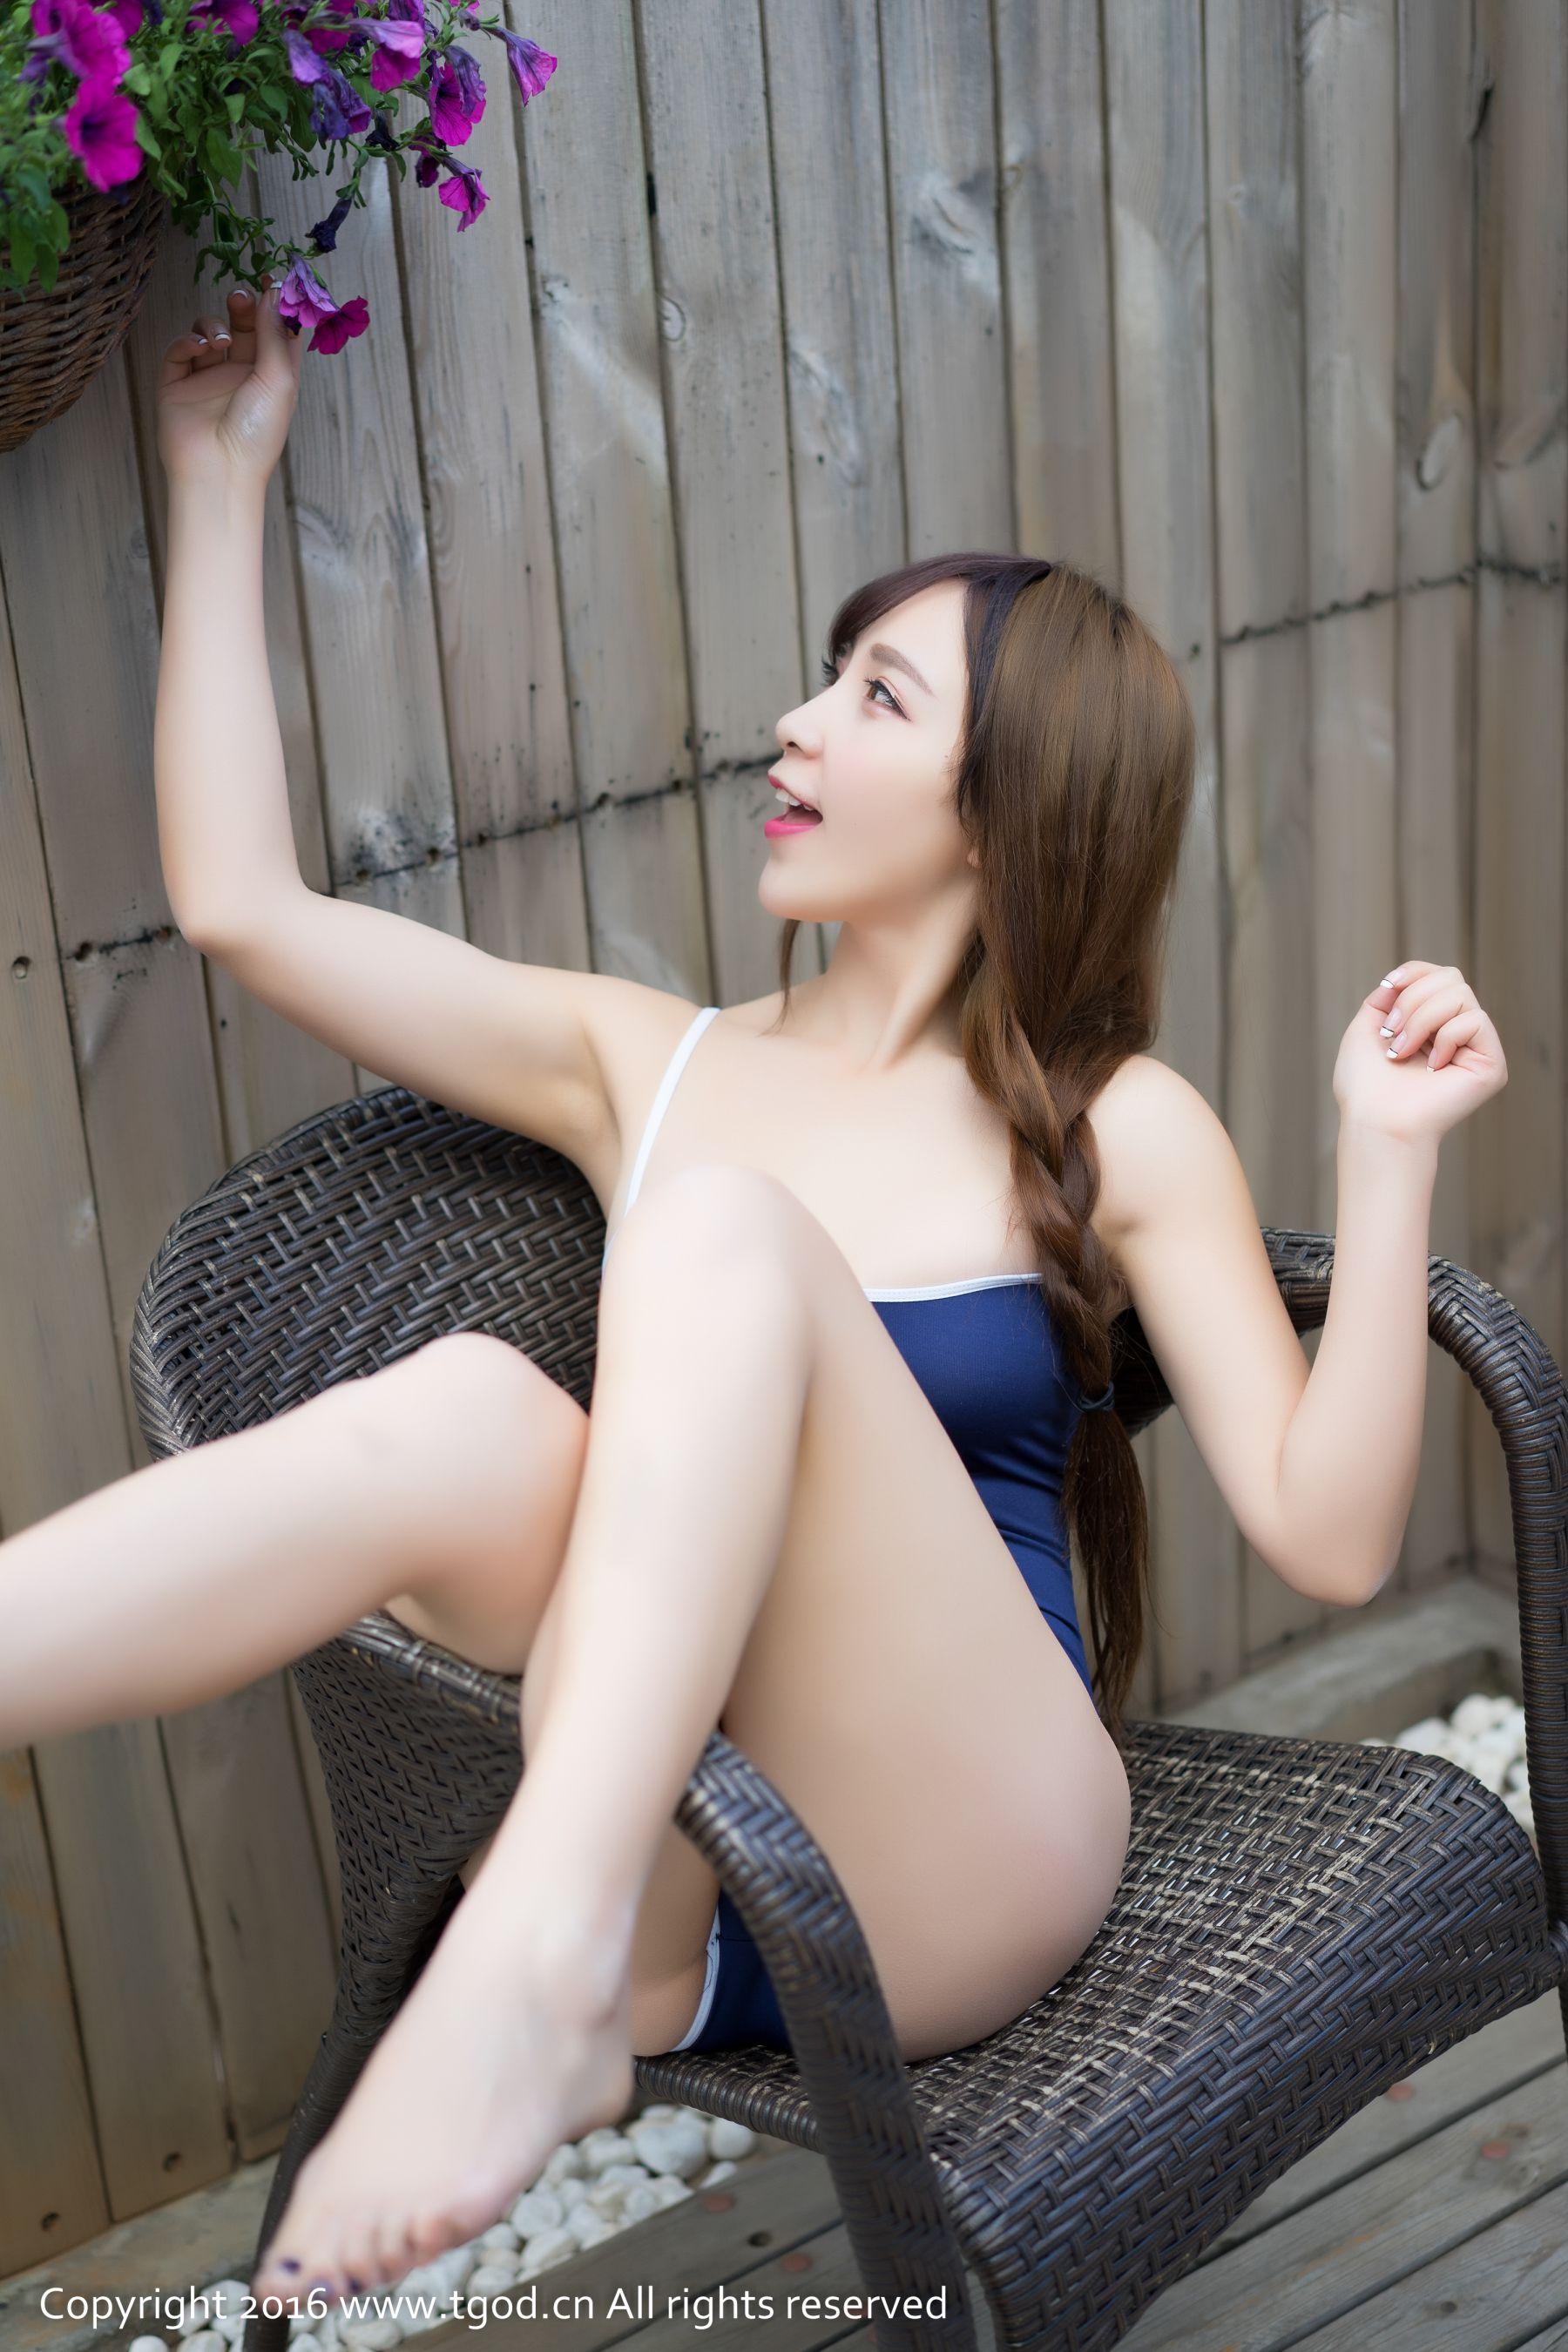 [尤蜜荟] 歆小兔chobits 《大理旅拍》 第一刊 ~ [40P]